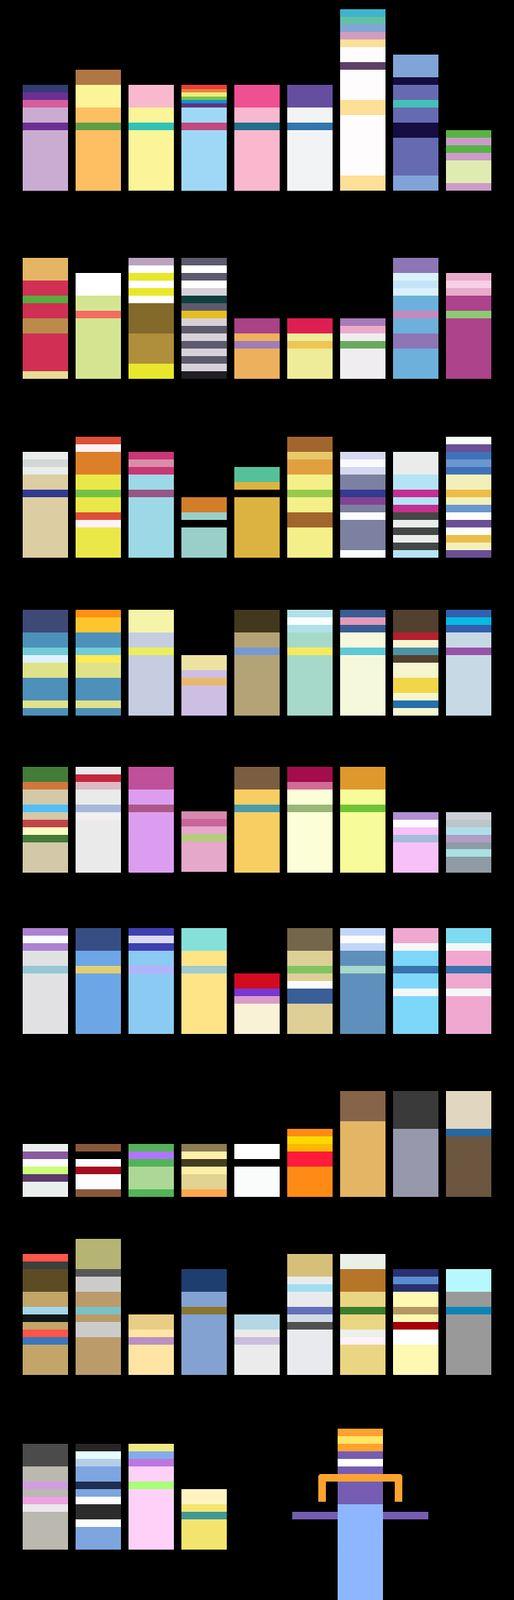 Minimalist Pixel Art is Magic